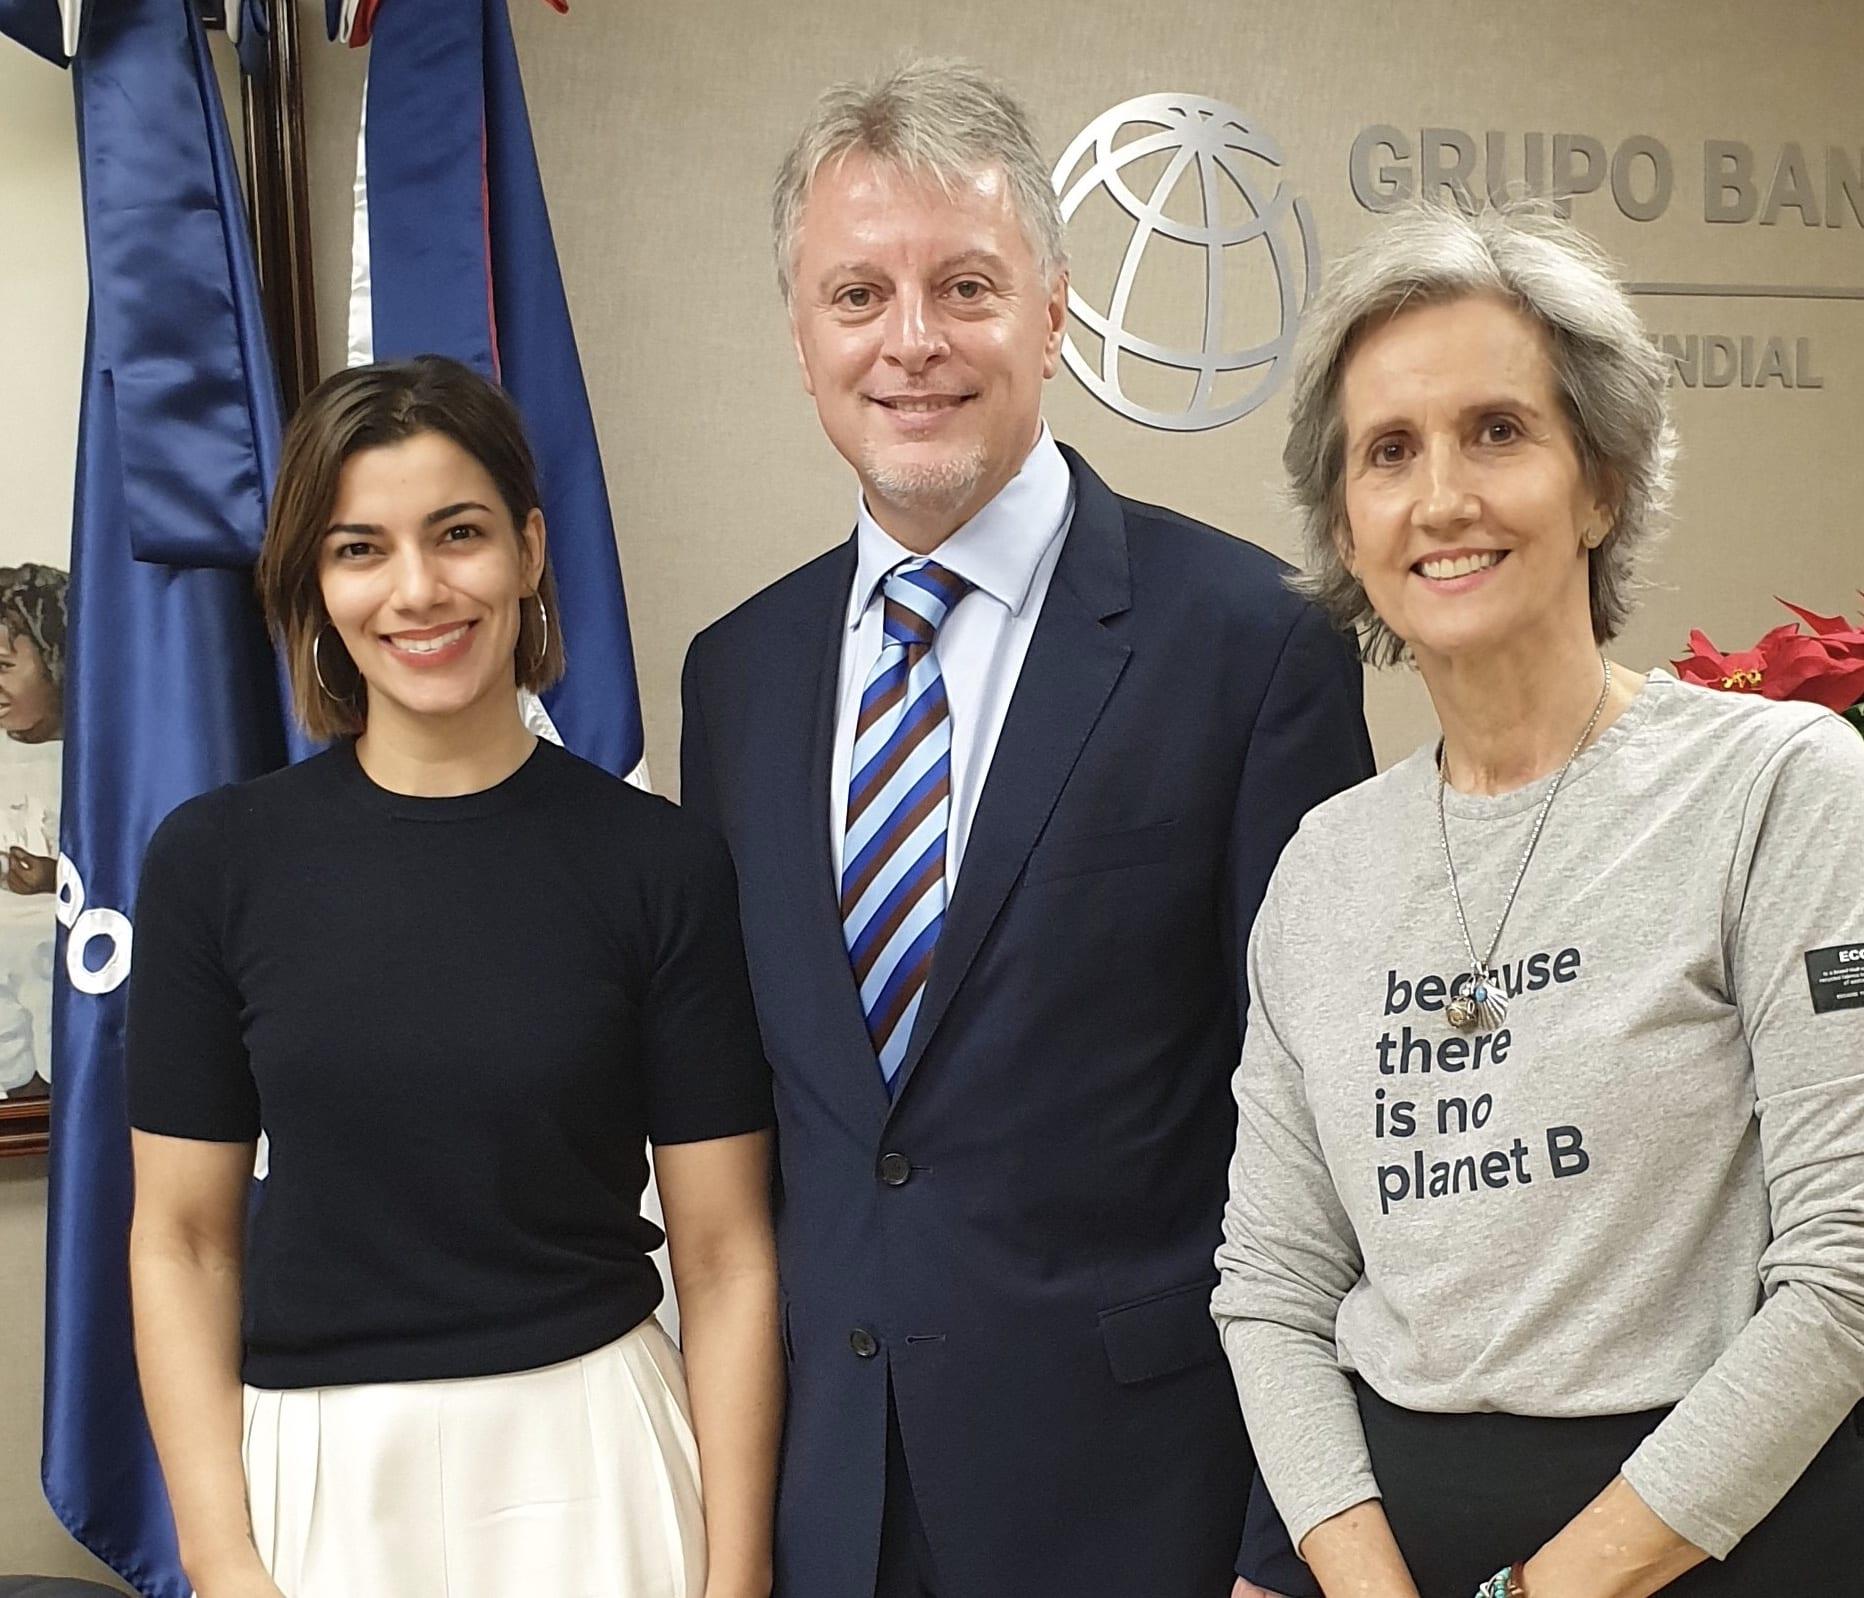 Dialogan en Santo Domingo sobre contaminación marina y economía azul - DiarioDigitalRD